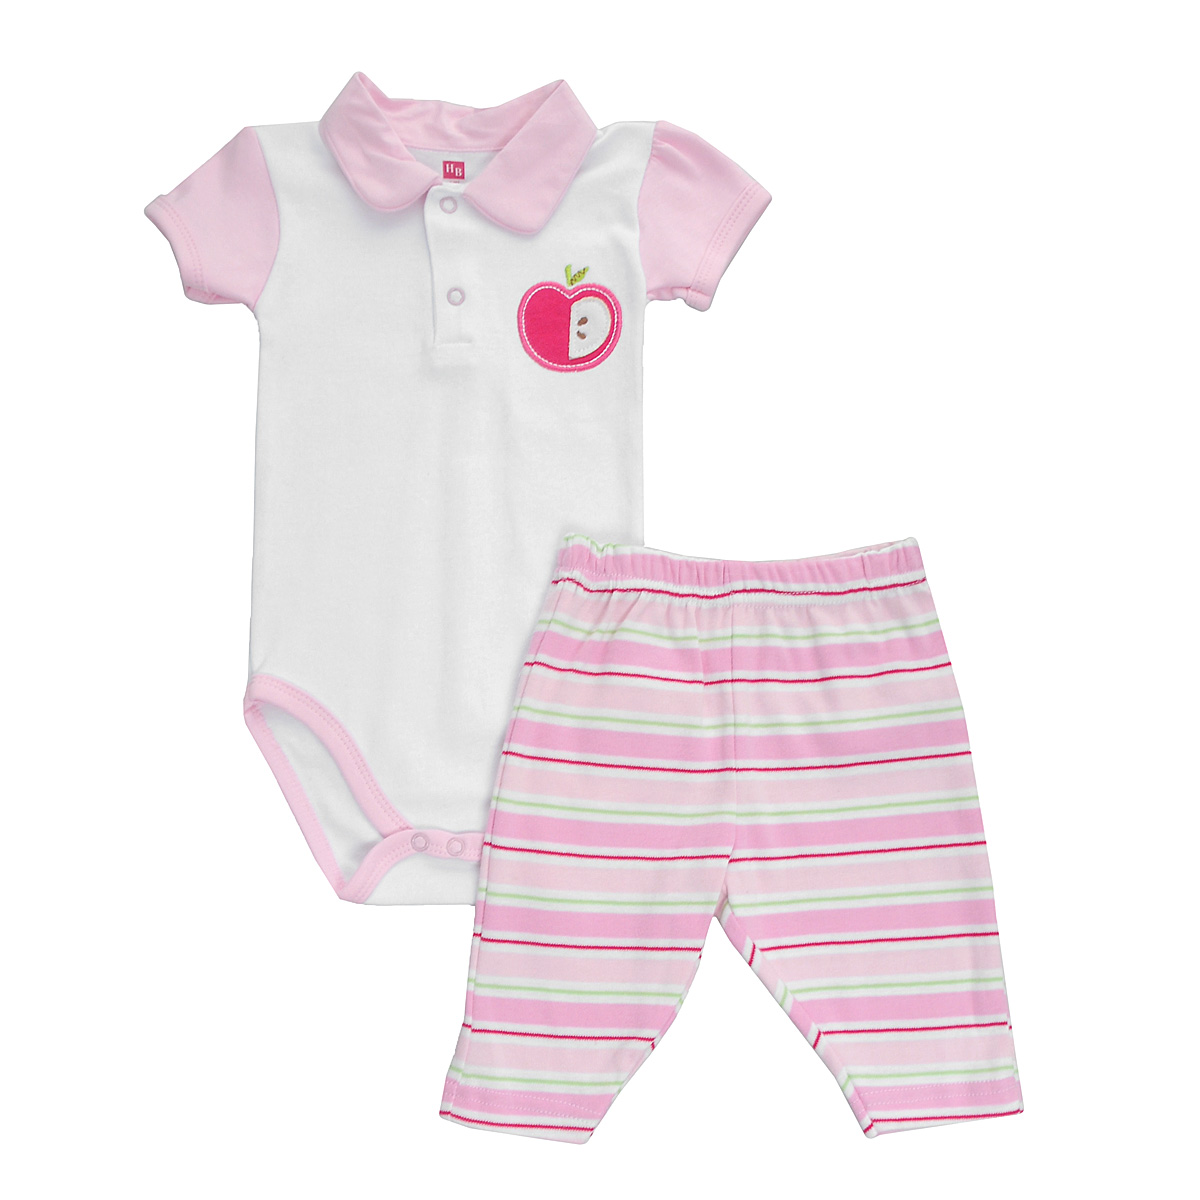 Комплект для девочки Hudson Baby Яблоко: боди-поло, штанишки, цвет: белый, розовый. 50340. Размер 61/67, 3-6 месяцев hudson baby штанишки толстовка розовый